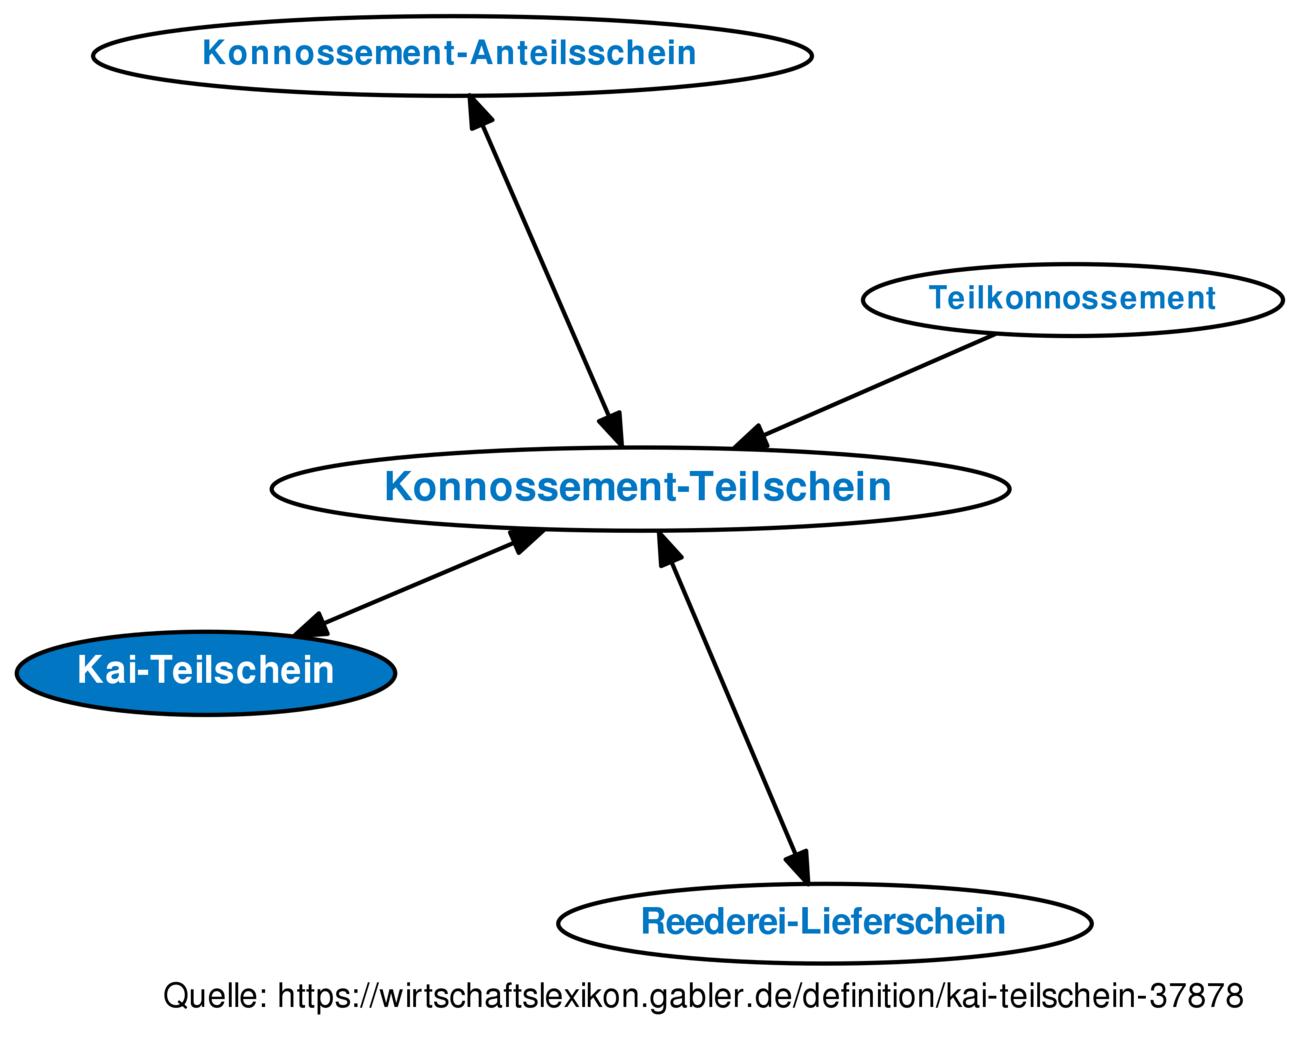 ᐅ Kai-Teilschein • Definition im Gabler Wirtschaftslexikon Online